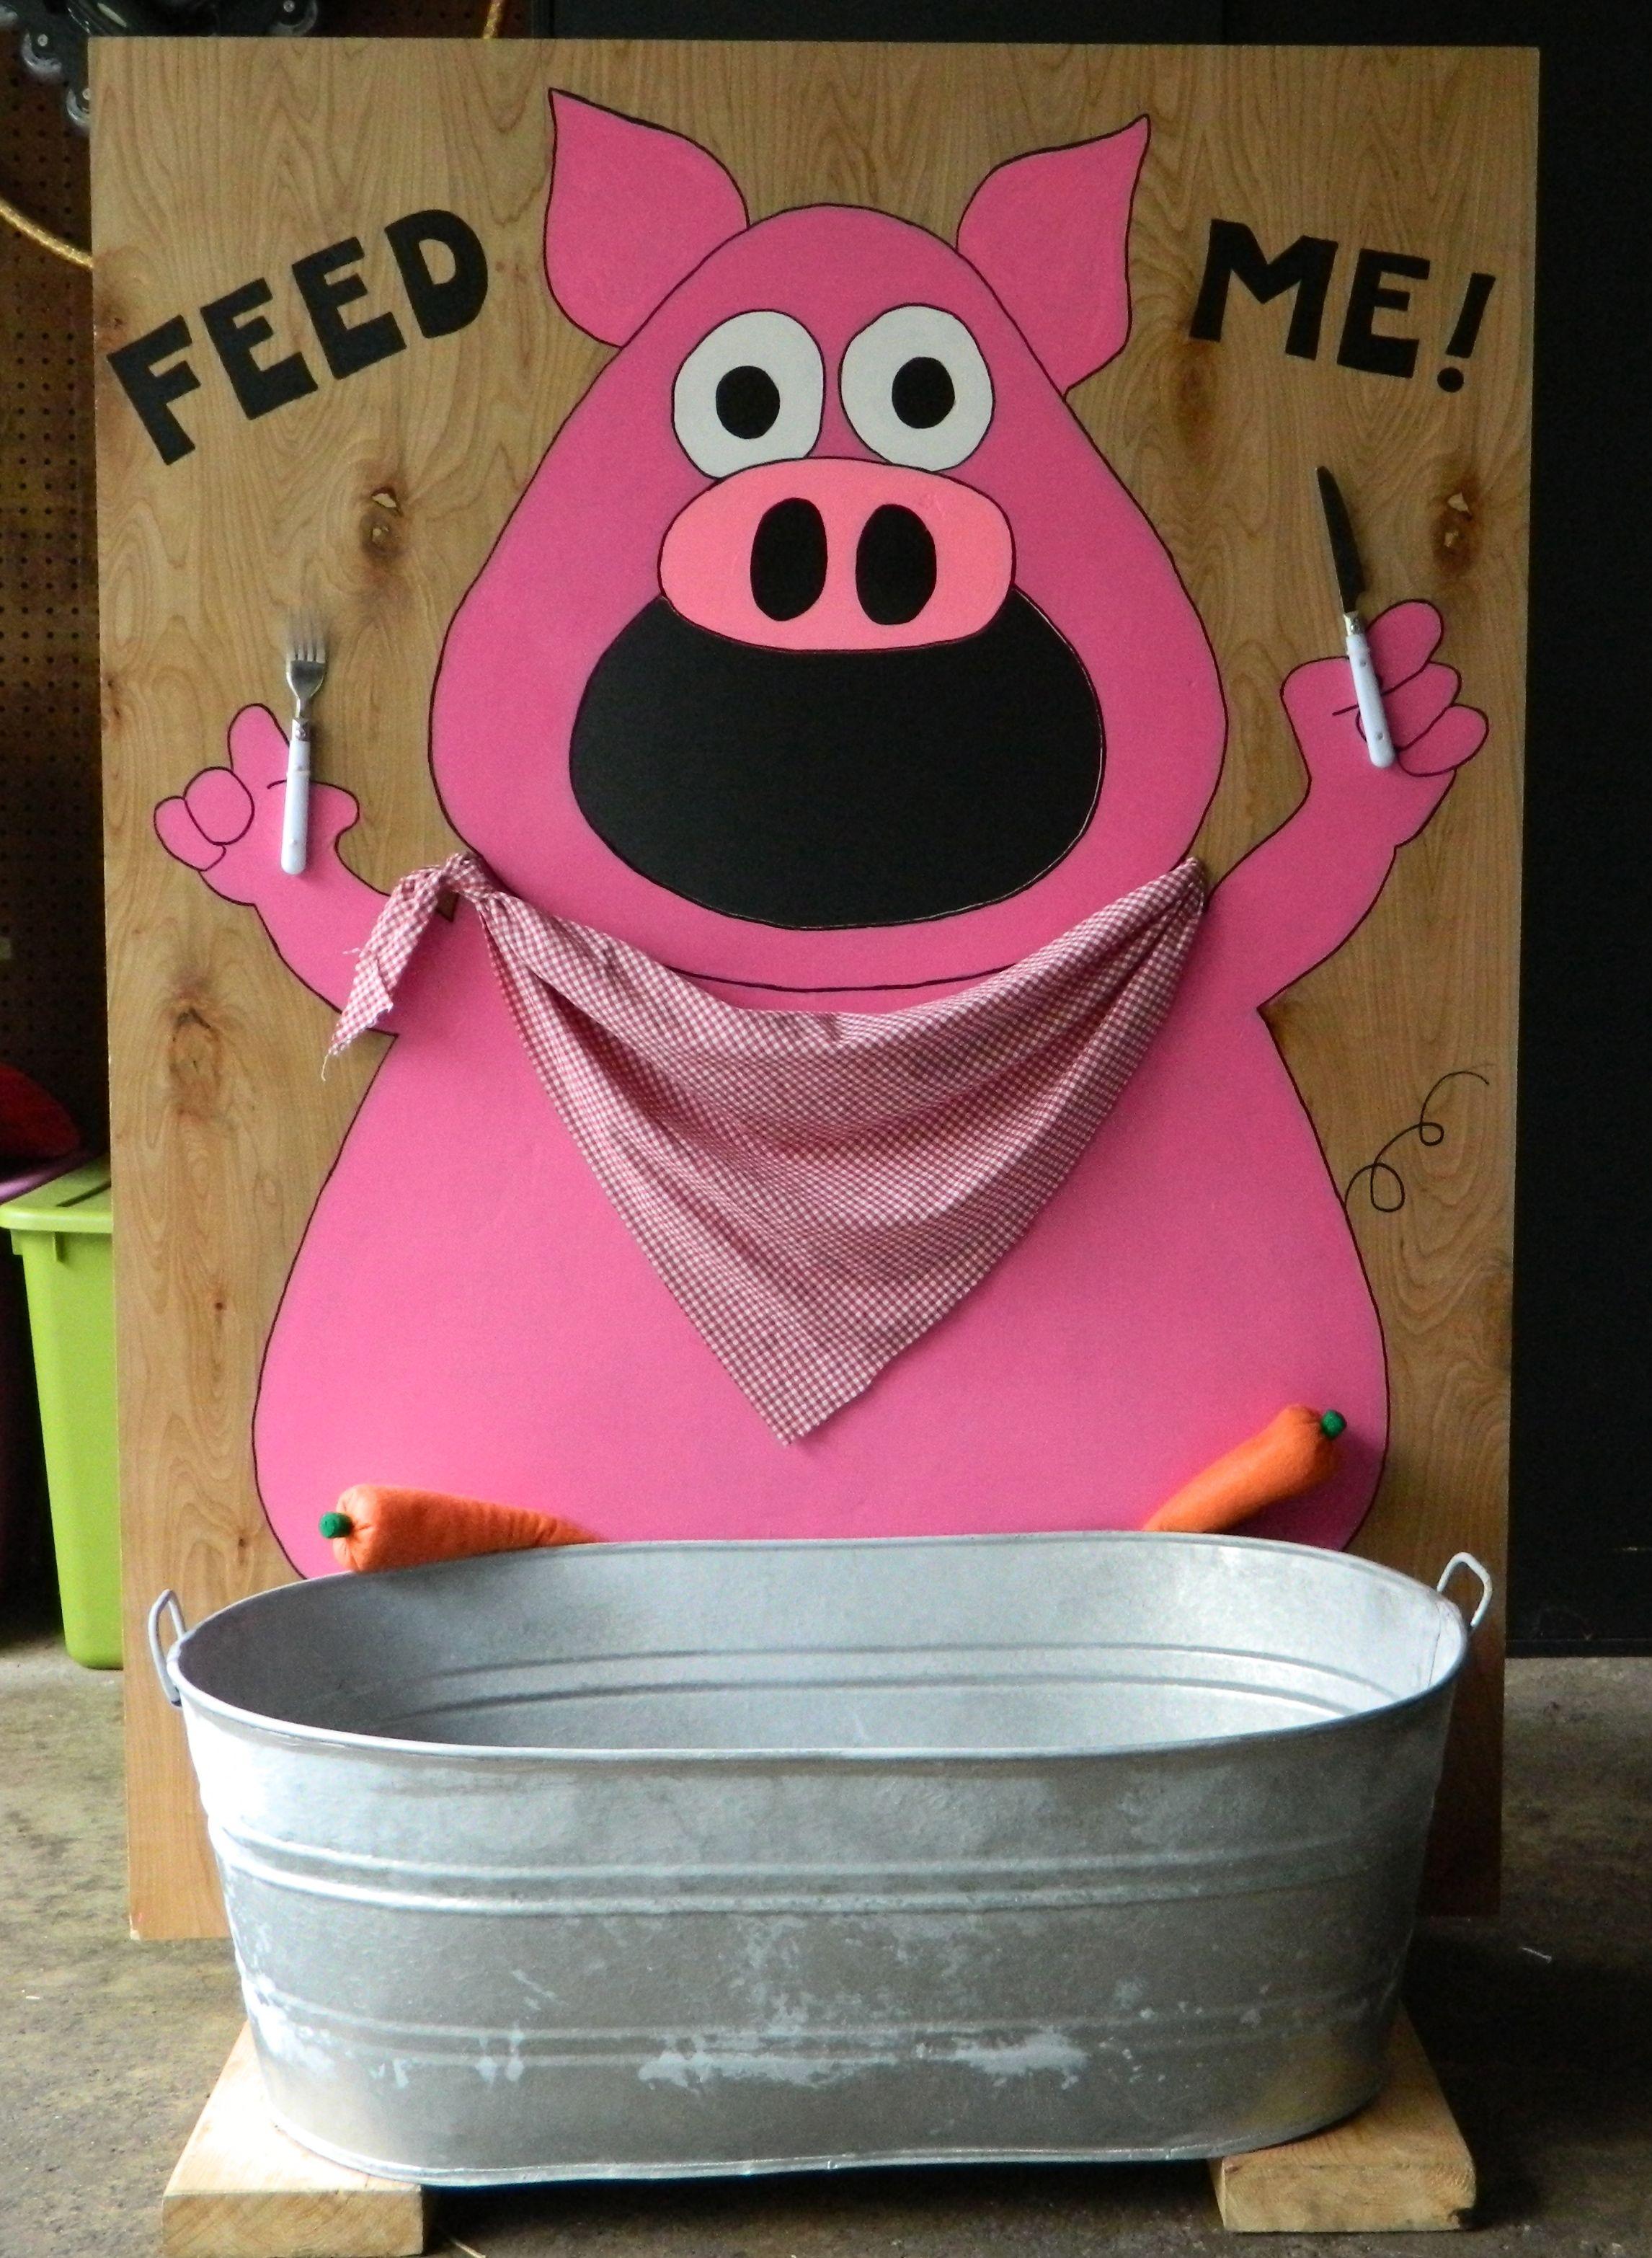 Pig Bean Bag Toss With Bean Bag Carrots To Toss Through